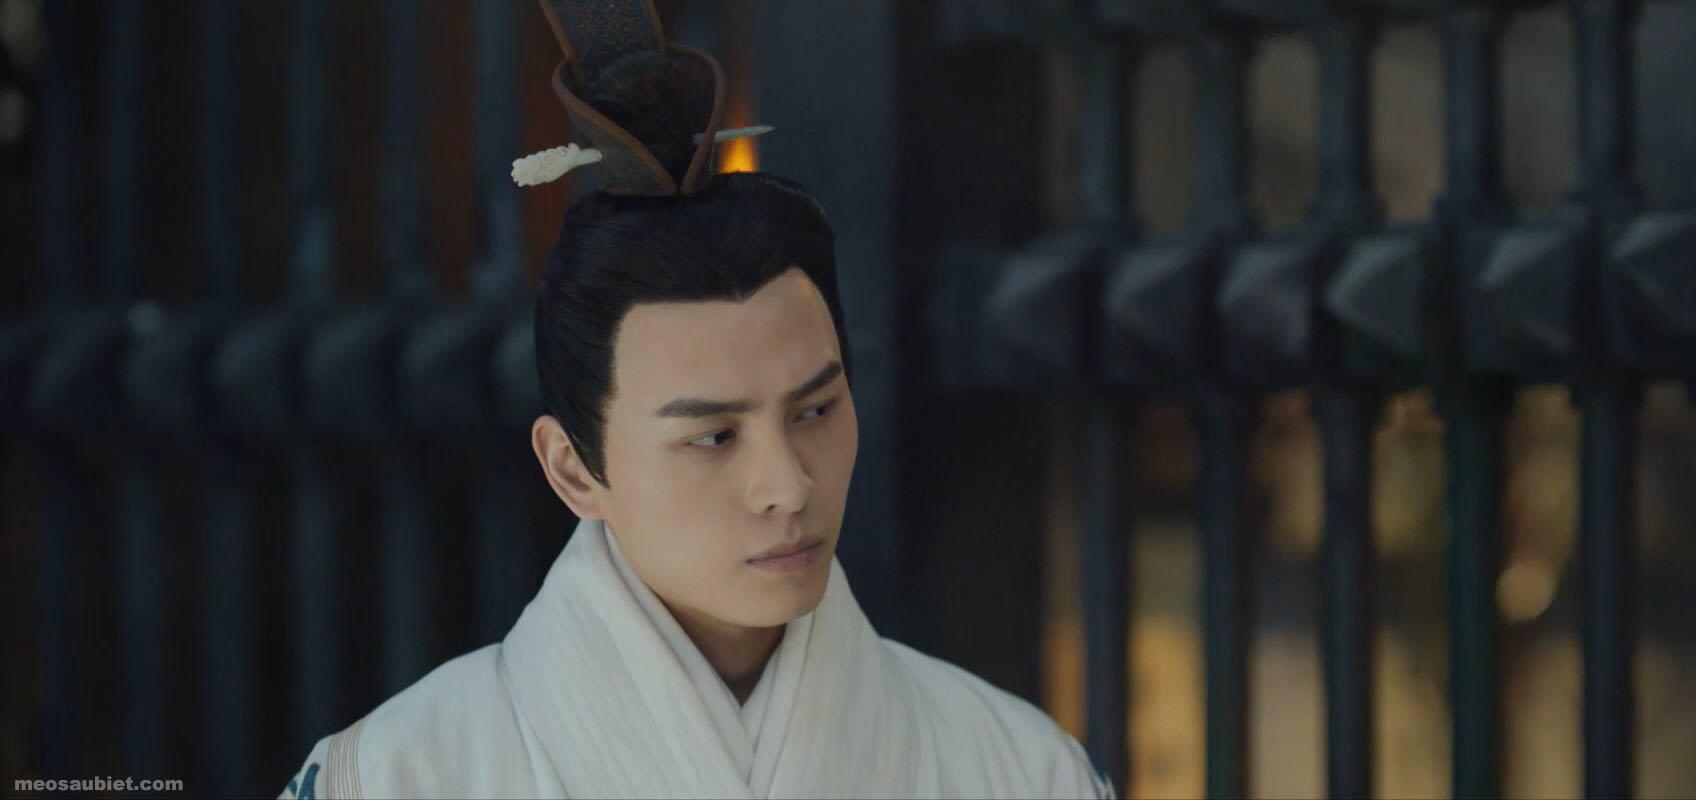 Hạo Lan truyện 2019 Hồng Nghiêu trong vai công tử Giao